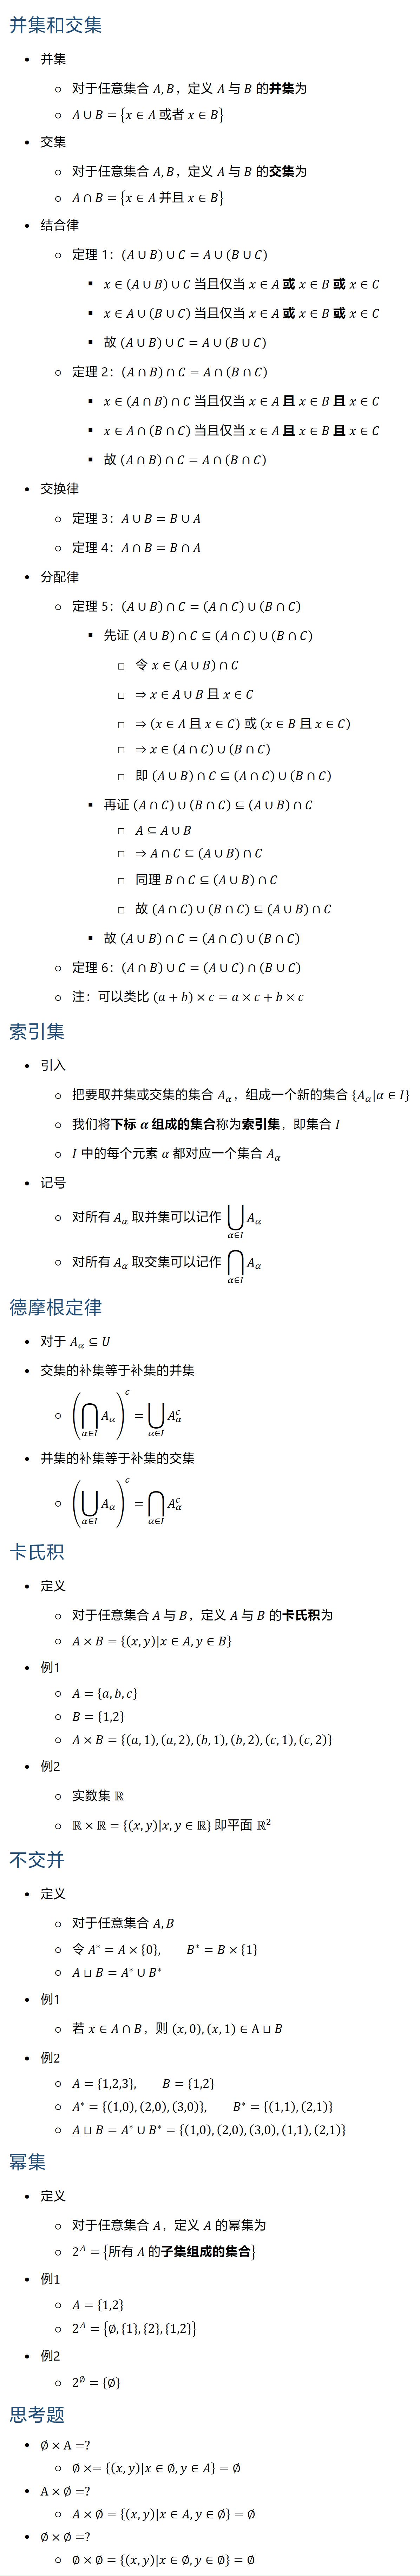 并集和交集 • 并集 ○ 对于任意集合 A,B,定义 A 与 B 的并集为 ○ A∪B={x∈A 或者 x∈B} • 交集 ○ 对于任意集合 A,B,定义 A 与 B 的交集为 ○ A∩B={x∈A 并且 x∈B} • 结合律 ○ 定理 1:(A∪B)∪C=A∪(B∪C) § x∈(A∪B)∪C 当且仅当 x∈A 或 x∈B 或 x∈C § x∈A∪(B∪C) 当且仅当 x∈A 或 x∈B 或 x∈C § 故 (A∪B)∪C=A∪(B∪C) ○ 定理 2:(A∩B)∩C=A∩(B∩C) § x∈(A∩B)∩C 当且仅当 x∈A 且 x∈B 且 x∈C § x∈A∩(B∩C) 当且仅当 x∈A 且 x∈B 且 x∈C § 故 (A∩B)∩C=A∩(B∩C) • 交换律 ○ 定理 3:A∪B=B∪A ○ 定理 4:A∩B=B∩A • 分配律 ○ 定理 5:(A∪B)∩C=(A∩C)∪(B∩C) § 先证 (A∪B)∩C⊆(A∩C)∪(B∩C) □ 令 x∈(A∪B)∩C □ ⇒x∈A∪B 且 x∈C □ ⇒(x∈A 且 x∈C) 或 (x∈B 且 x∈C) □ ⇒x∈(A∩C)∪(B∩C) □ 即 (A∪B)∩C⊆(A∩C)∪(B∩C) § 再证 (A∩C)∪(B∩C)⊆(A∪B)∩C □ A⊆A∪B □ ⇒A∩C⊆(A∪B)∩C □ 同理 B∩C⊆(A∪B)∩C □ 故 (A∩C)∪(B∩C)⊆(A∪B)∩C § 故 (A∪B)∩C=(A∩C)∪(B∩C) ○ 定理 6:(A∩B)∪C=(A∪C)∩(B∪C) ○ 注:可以类比 (a+b)×c=a×c+b×c 索引集 • 引入 ○ 把要取并集或交集的集合 A_α,组成一个新的集合 {A_α |α∈I} ○ 我们将下标 α 组成的集合称为索引集,即集合 I ○ I 中的每个元素 α 都对应一个集合 A_α • 记号 ○ 对所有 A_α 取并集可以记作 ⋃8_(α∈I)▒A_α ○ 对所有 A_α 取交集可以记作 ⋂8_(α∈I)▒A_α 德摩根定律 • 对于 A_α⊆U • 交集的补集等于补集的并集 ○ (⋂8_(α∈I)▒A_α )^c=⋃8_(α∈I)▒A_α^c • 并集的补集等于补集的交集 ○ (⋃8_(α∈I)▒A_α^ )^c=⋂8_(α∈I)▒A_α^c 卡氏积 • 定义 ○ 对于任意集合 A 与 B,定义 A 与 B 的卡氏积为 ○ A×B={(x,y)|x∈A,y∈B} • 例1 ○ A={a,b,c} ○ B={1,2} ○ A×B={(a,1),(a,2),(b,1),(b,2),(c,1),(c,2)} • 例2 ○ 实数集 R ○ R×R={(x,y)┤|x,y∈R} 即平面 R2 不交并 • 定义 ○ 对于任意集合 A,B ○ 令 A^∗=A×{0}, B^∗=B×{1} ○ A⊔B=A^∗∪B^∗ • 例1 ○ 若 x∈A∩B,则 (x,0),(x,1)∈A⊔B • 例2 ○ A={1,2,3}, B={1,2} ○ A^∗={(1,0),(2,0),(3,0)}, B^∗={(1,1),(2,1)} ○ A⊔B=A^∗∪B^∗={(1,0),(2,0),(3,0),(1,1),(2,1)} 幂集 • 定义 ○ 对于任意集合 A,定义 A 的幂集为 ○ 2^A={所有 A 的子集组成的集合} • 例1 ○ A={1,2} ○ 2^A={∅,{1},{2},{1,2}} • 例2 ○ 2^∅={∅} 思考题 • ∅×A=? ○ ∅×={(x,y)|x∈∅,y∈A}=∅ • A×∅=? ○ A×∅={(x,y)|x∈A,y∈∅}=∅ • ∅×∅=? ○ ∅×∅={(x,y)|x∈∅,y∈∅}=∅